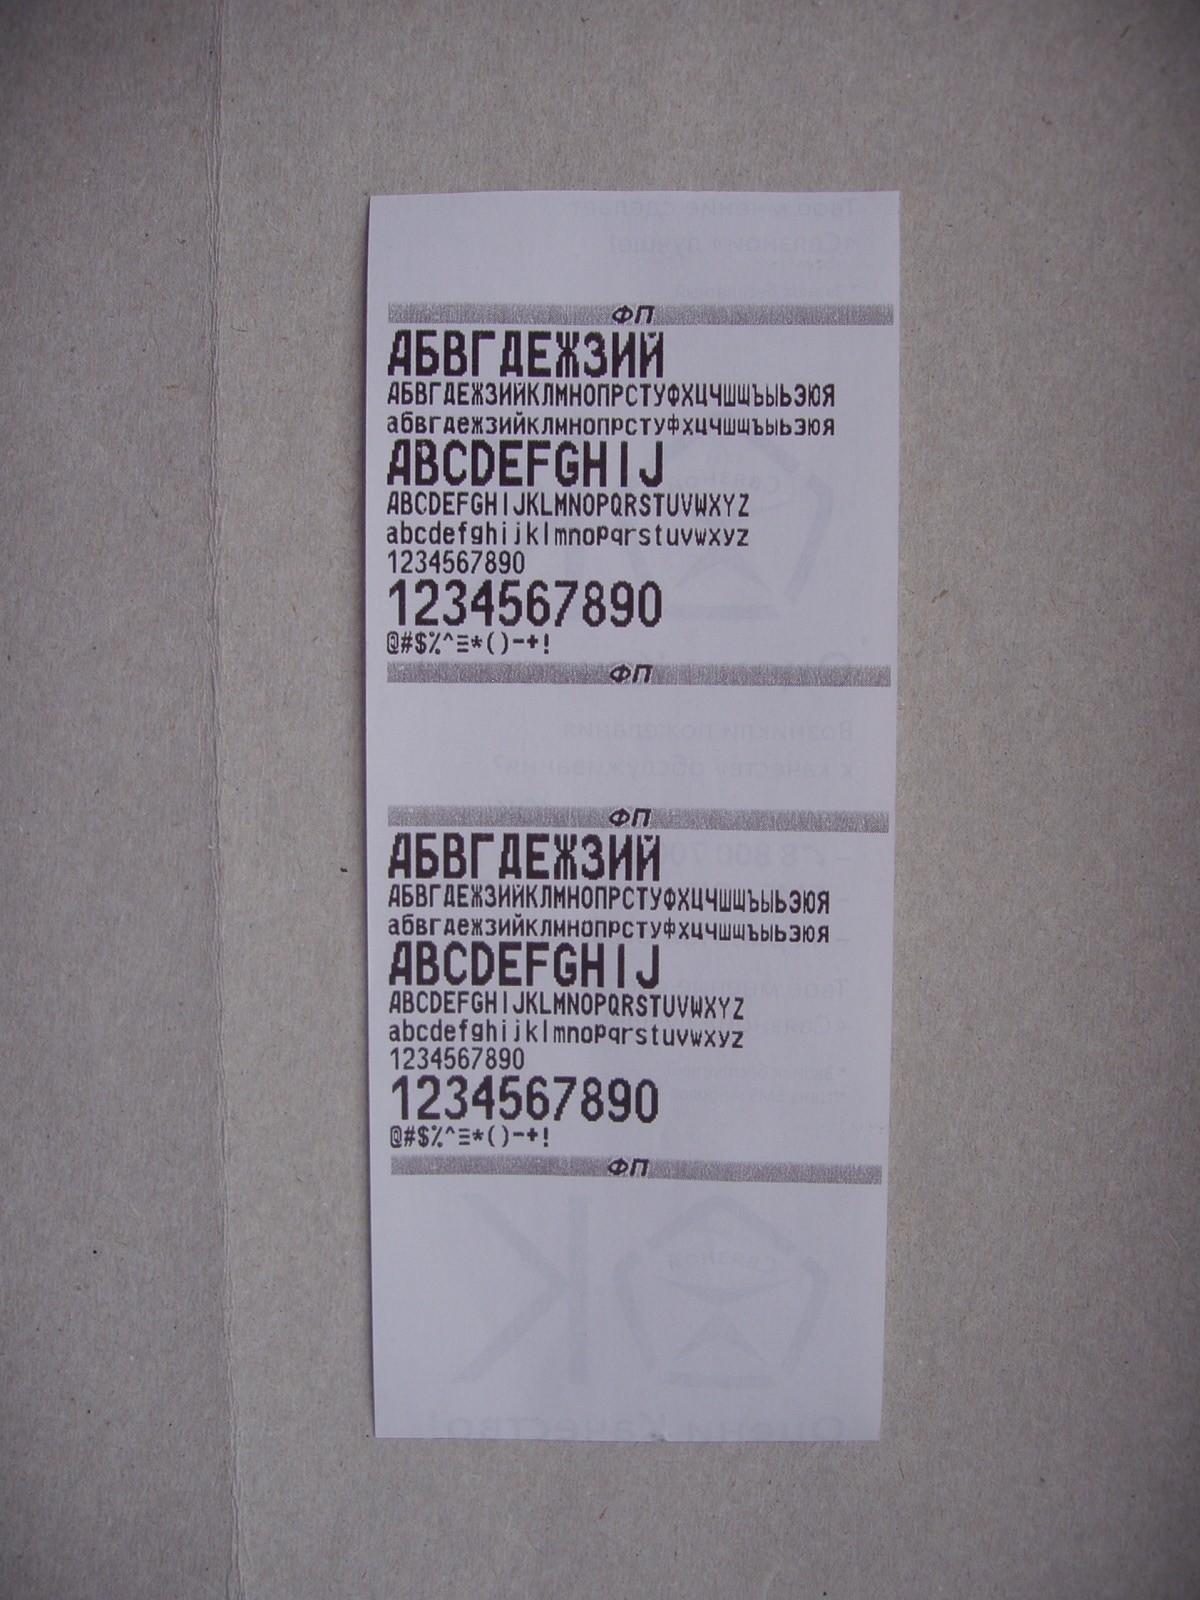 ШТРИХ-ФР-Ф - документация, файлы драйвера.